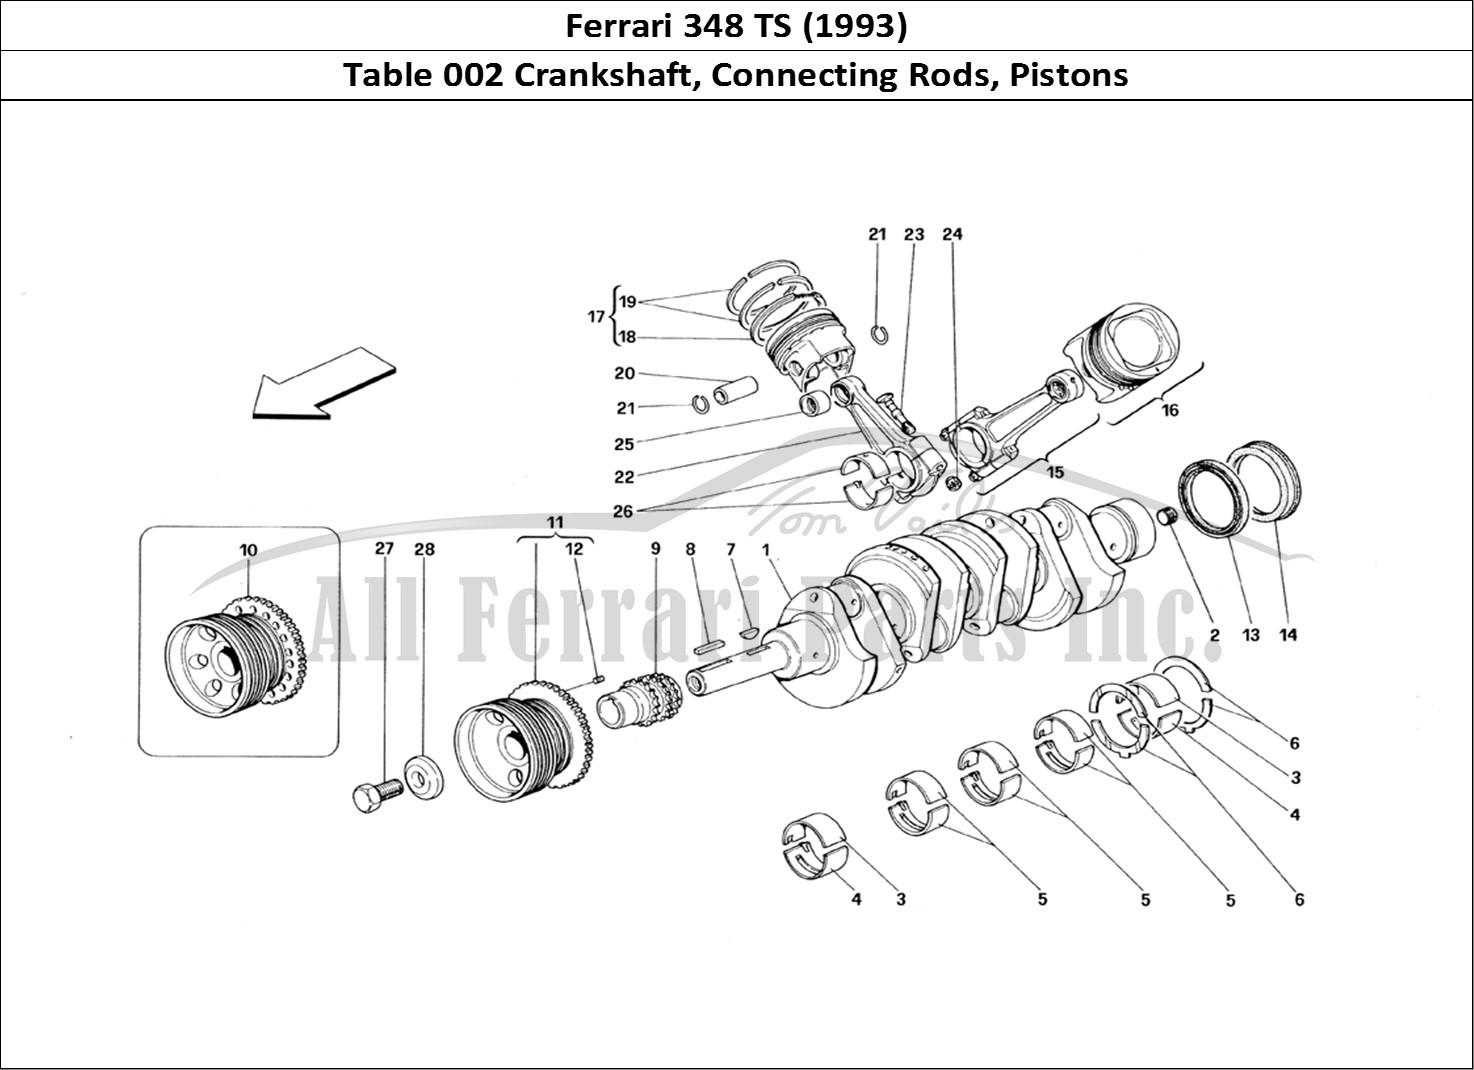 Buy Original Ferrari 348 Ts 002 Crankshaft Connecting Rods Pistons Ferrari Parts